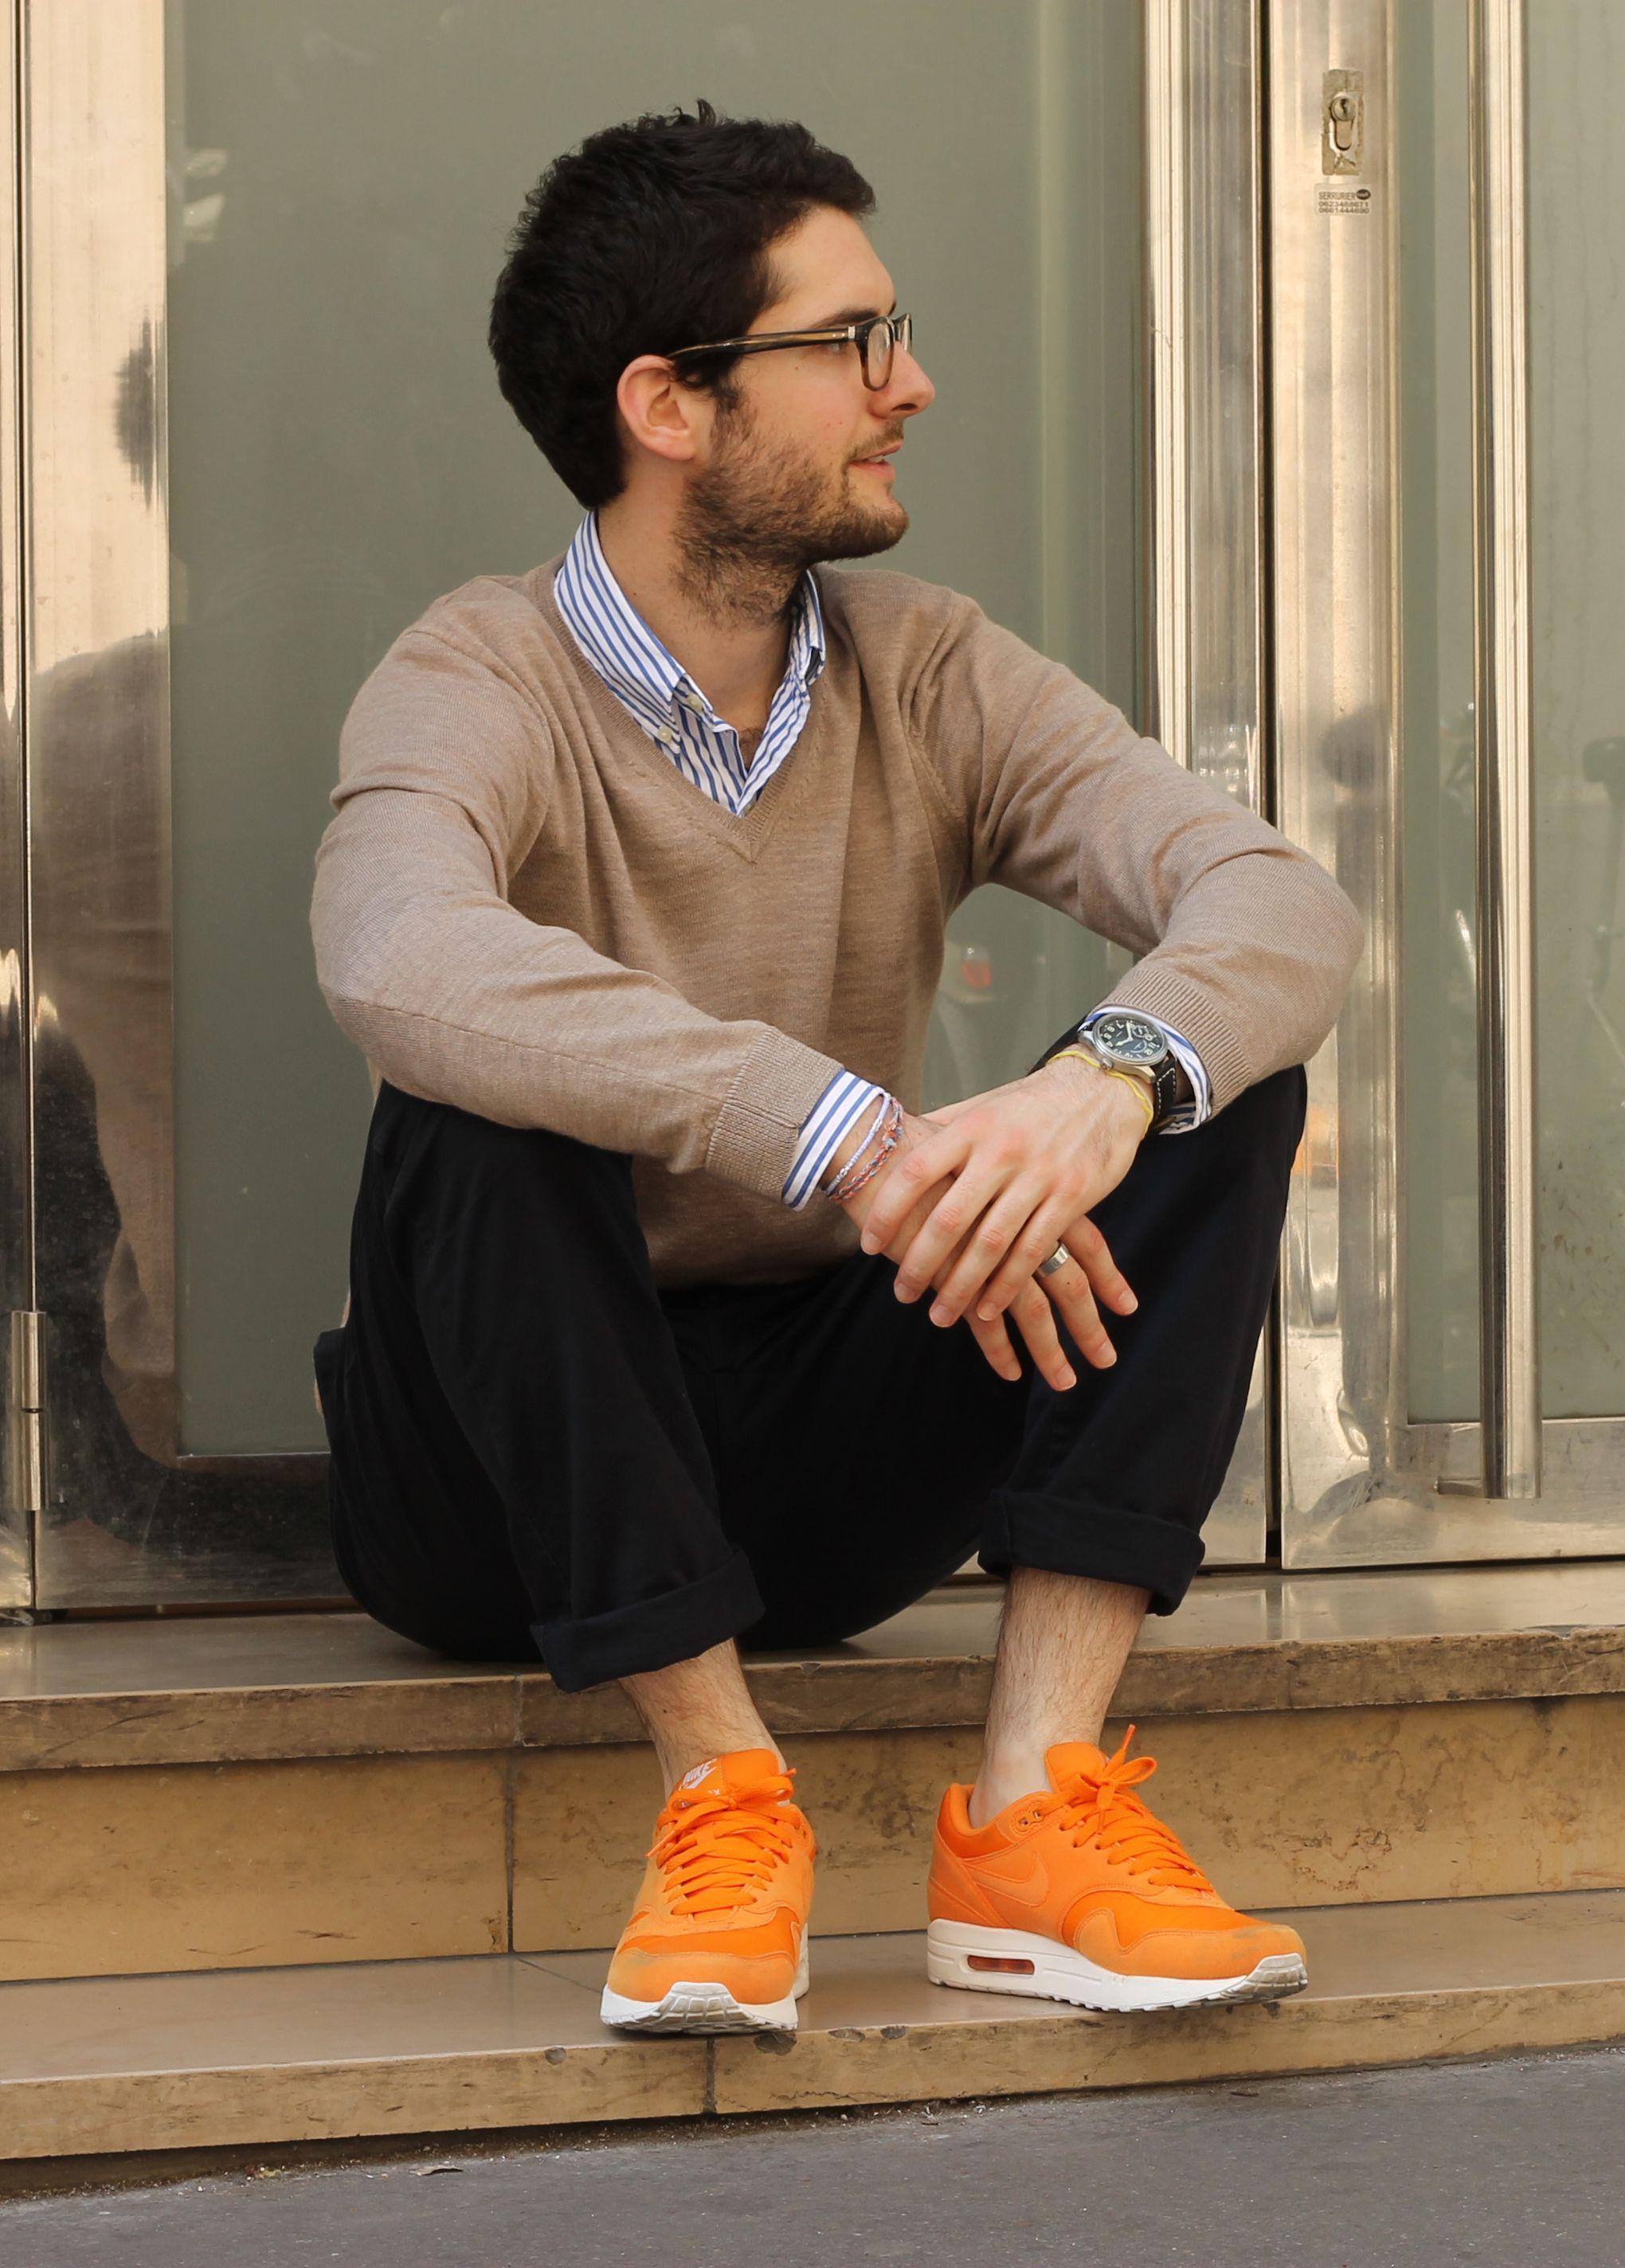 Un parfait mélange casual streetwear illustré par notre cher Alex ! Les  sneakers Nike contraste avec le reste de la tenue en premier lieu par son  caractère ... 1150a70012a7